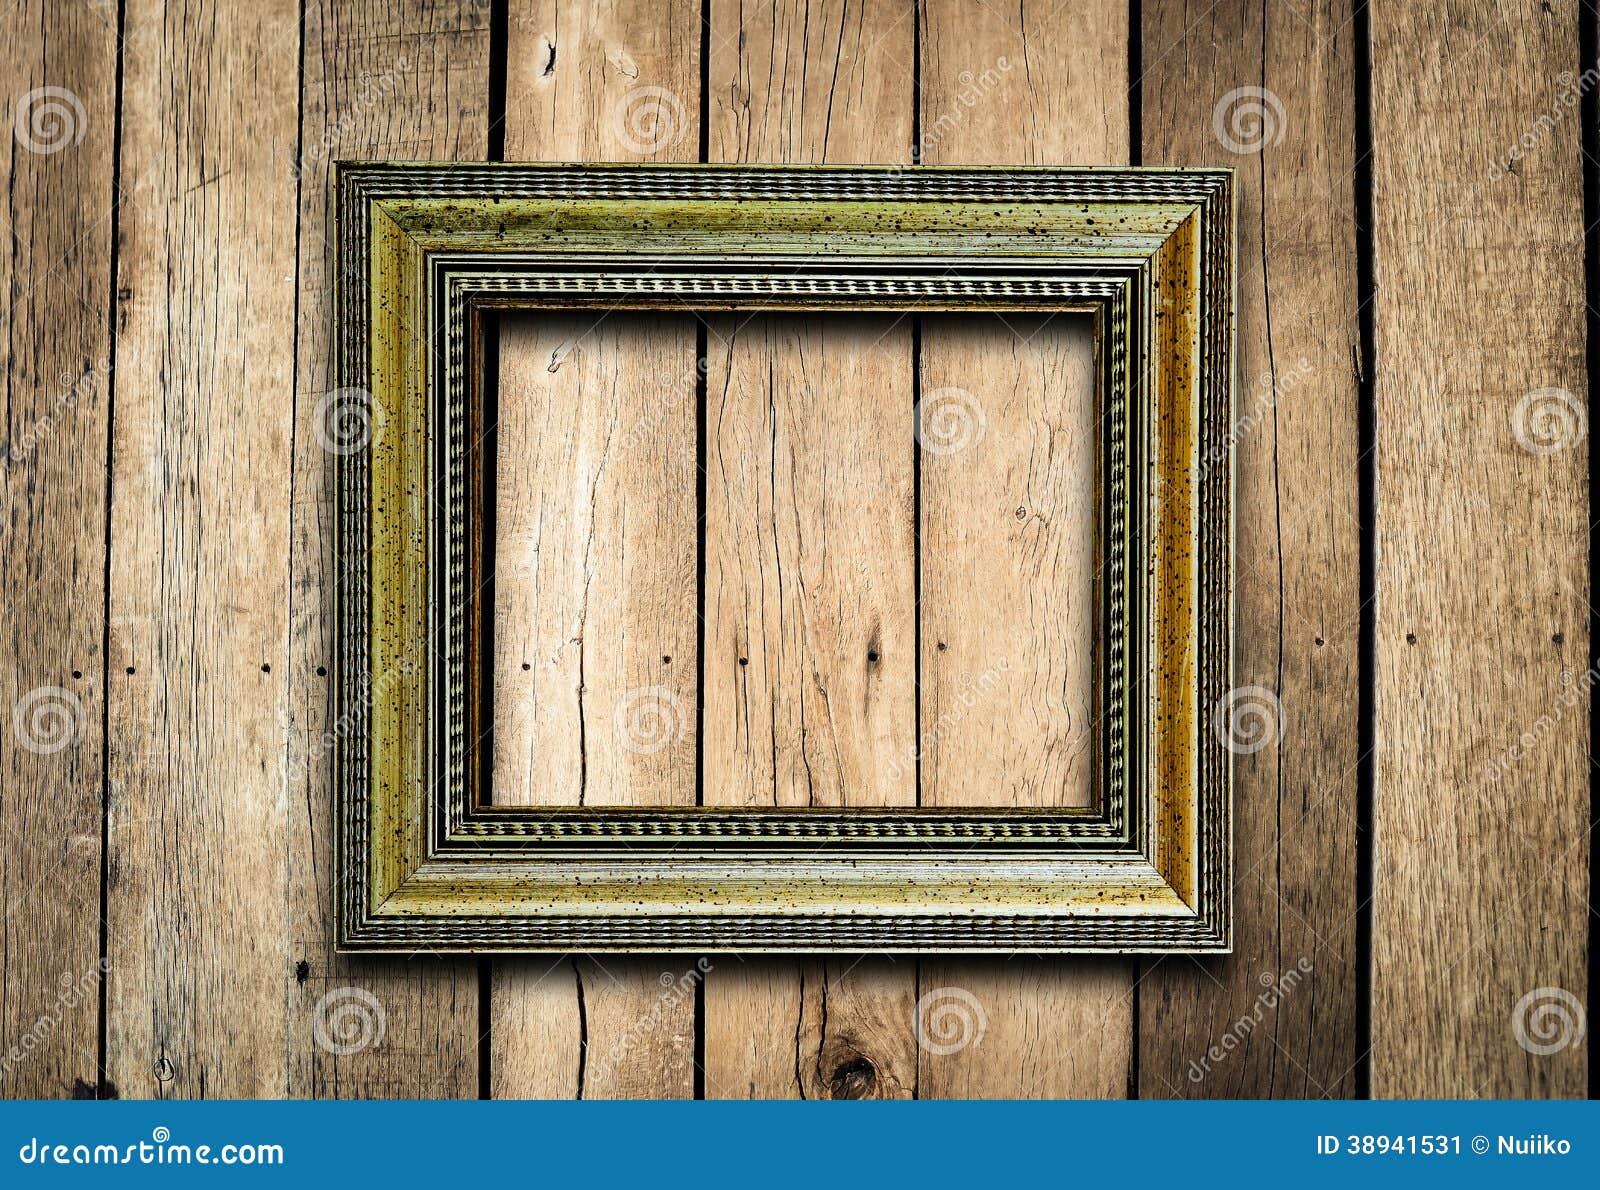 vieux cadre de tableau sur le mur en bois de vintage image stock image du fantaisie cache. Black Bedroom Furniture Sets. Home Design Ideas